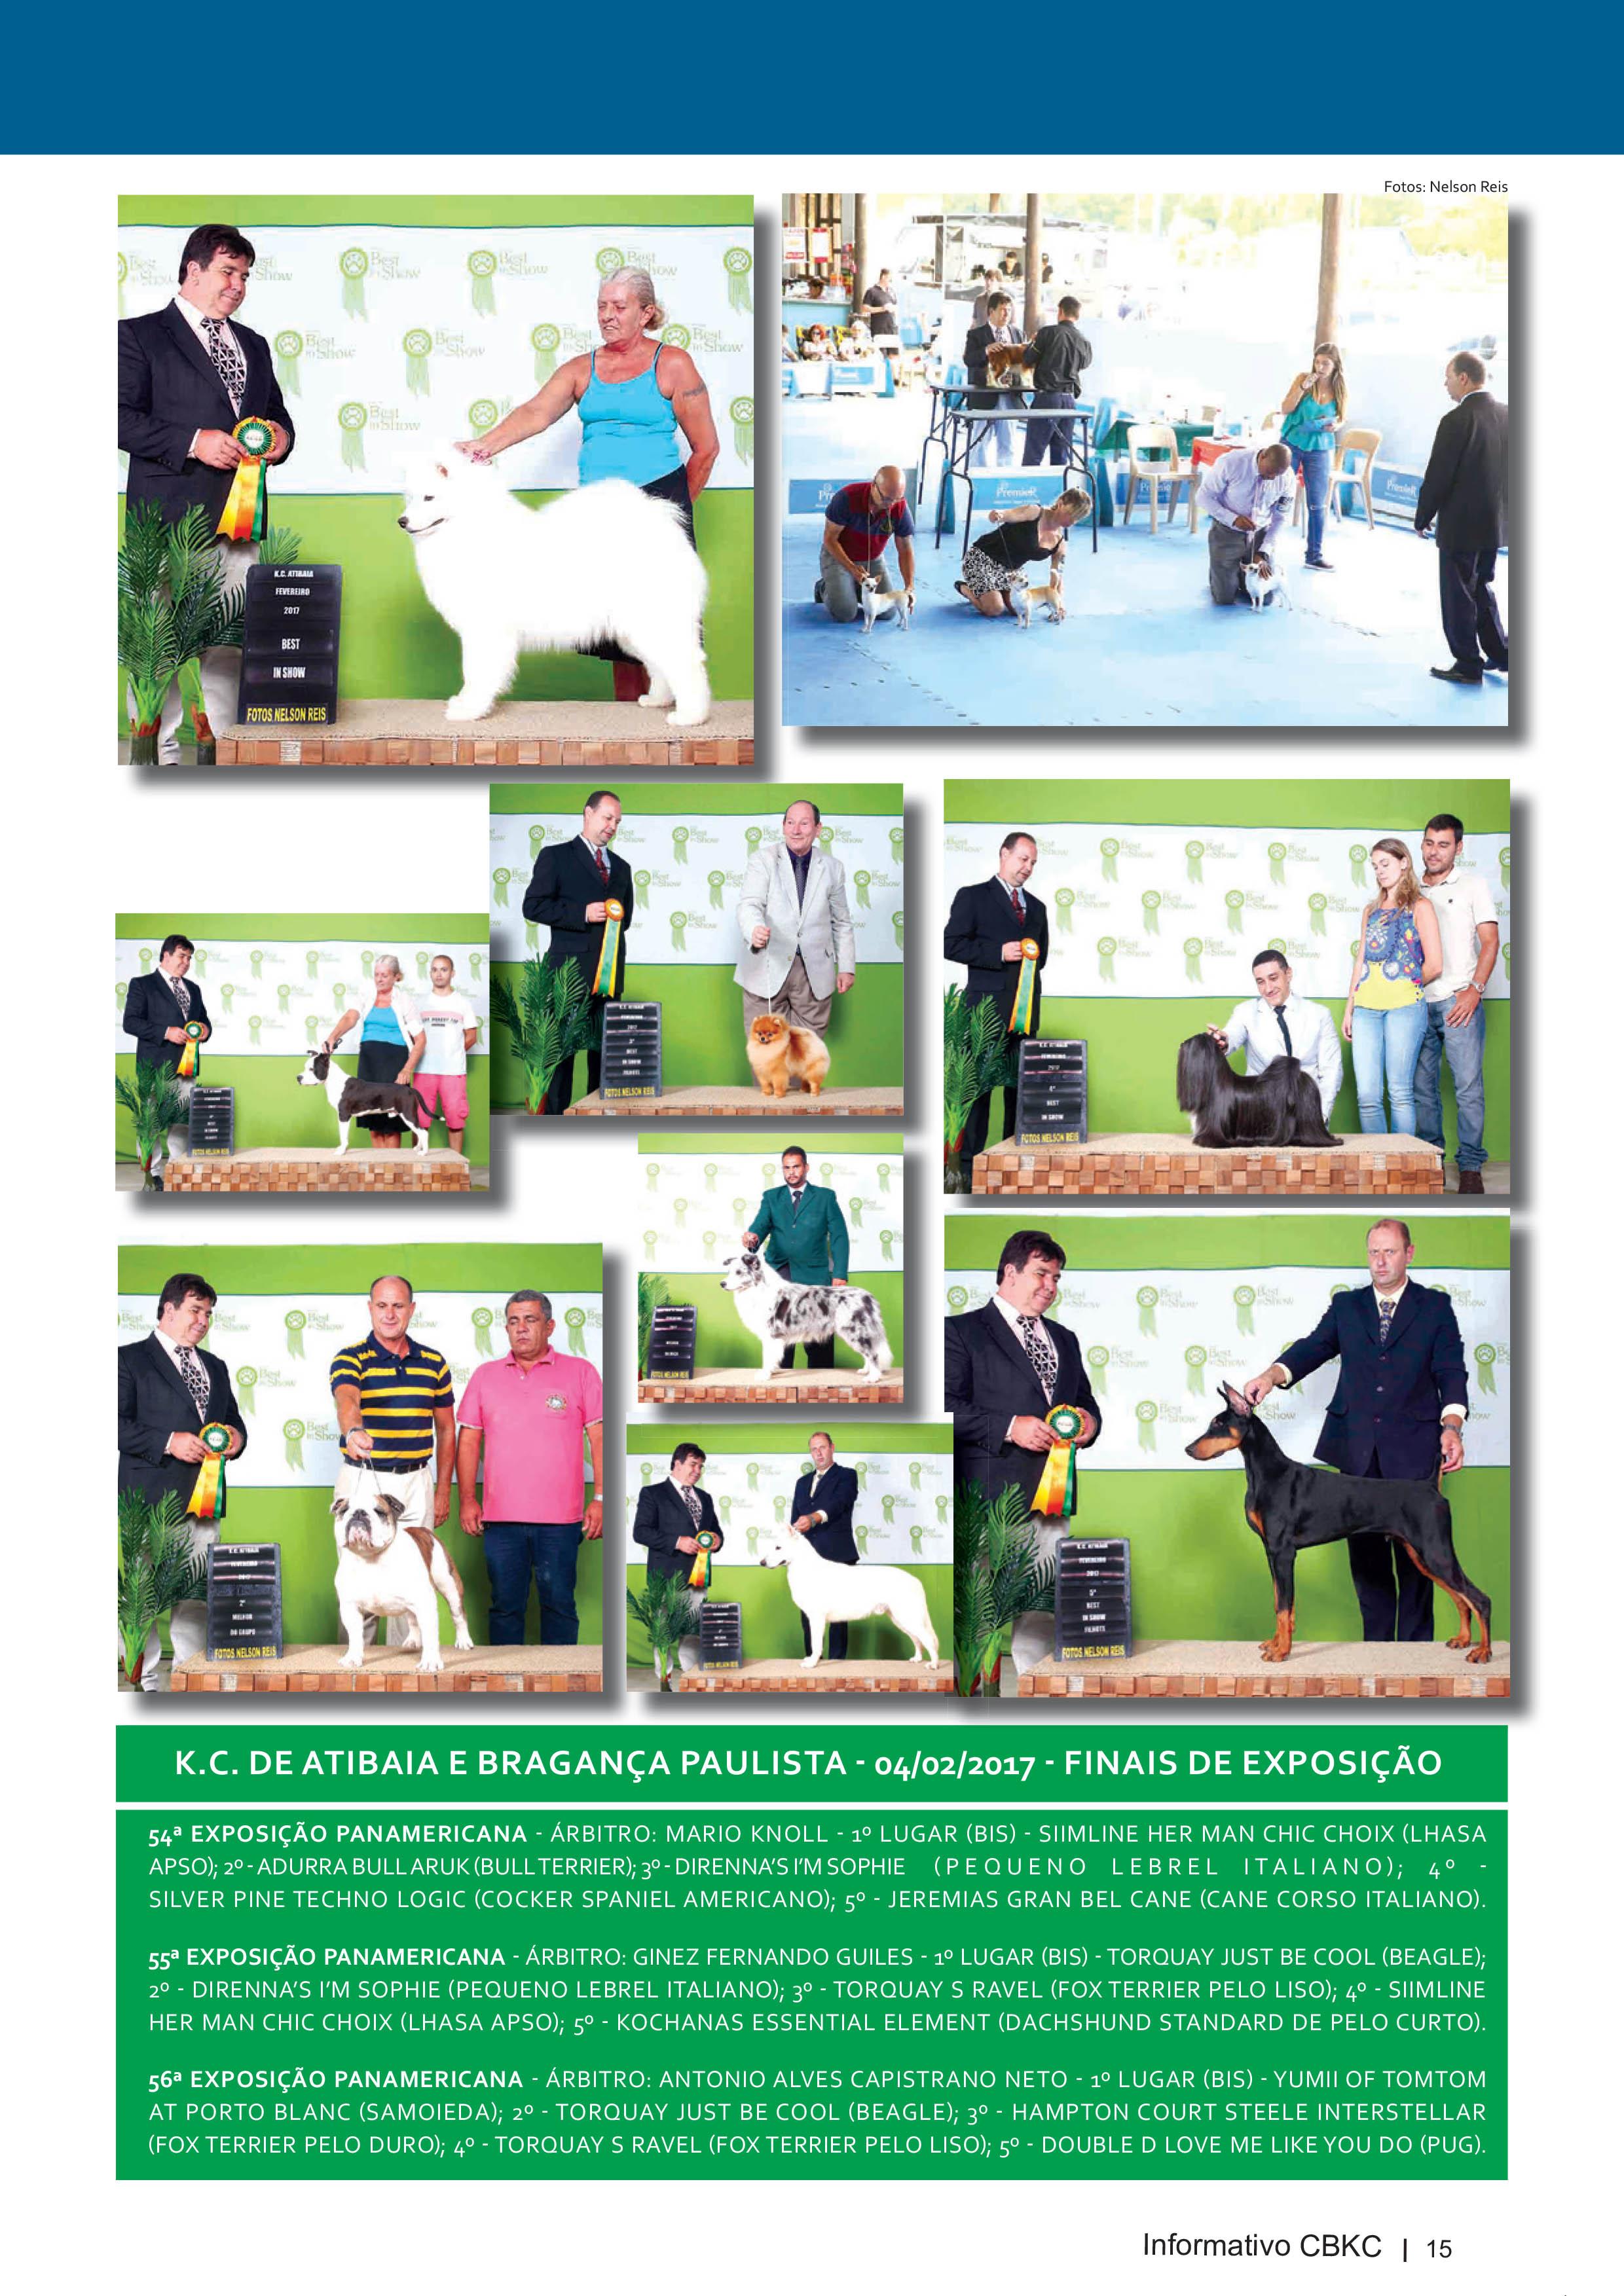 Pagina 15| Edição 54 do Informativo CBKC